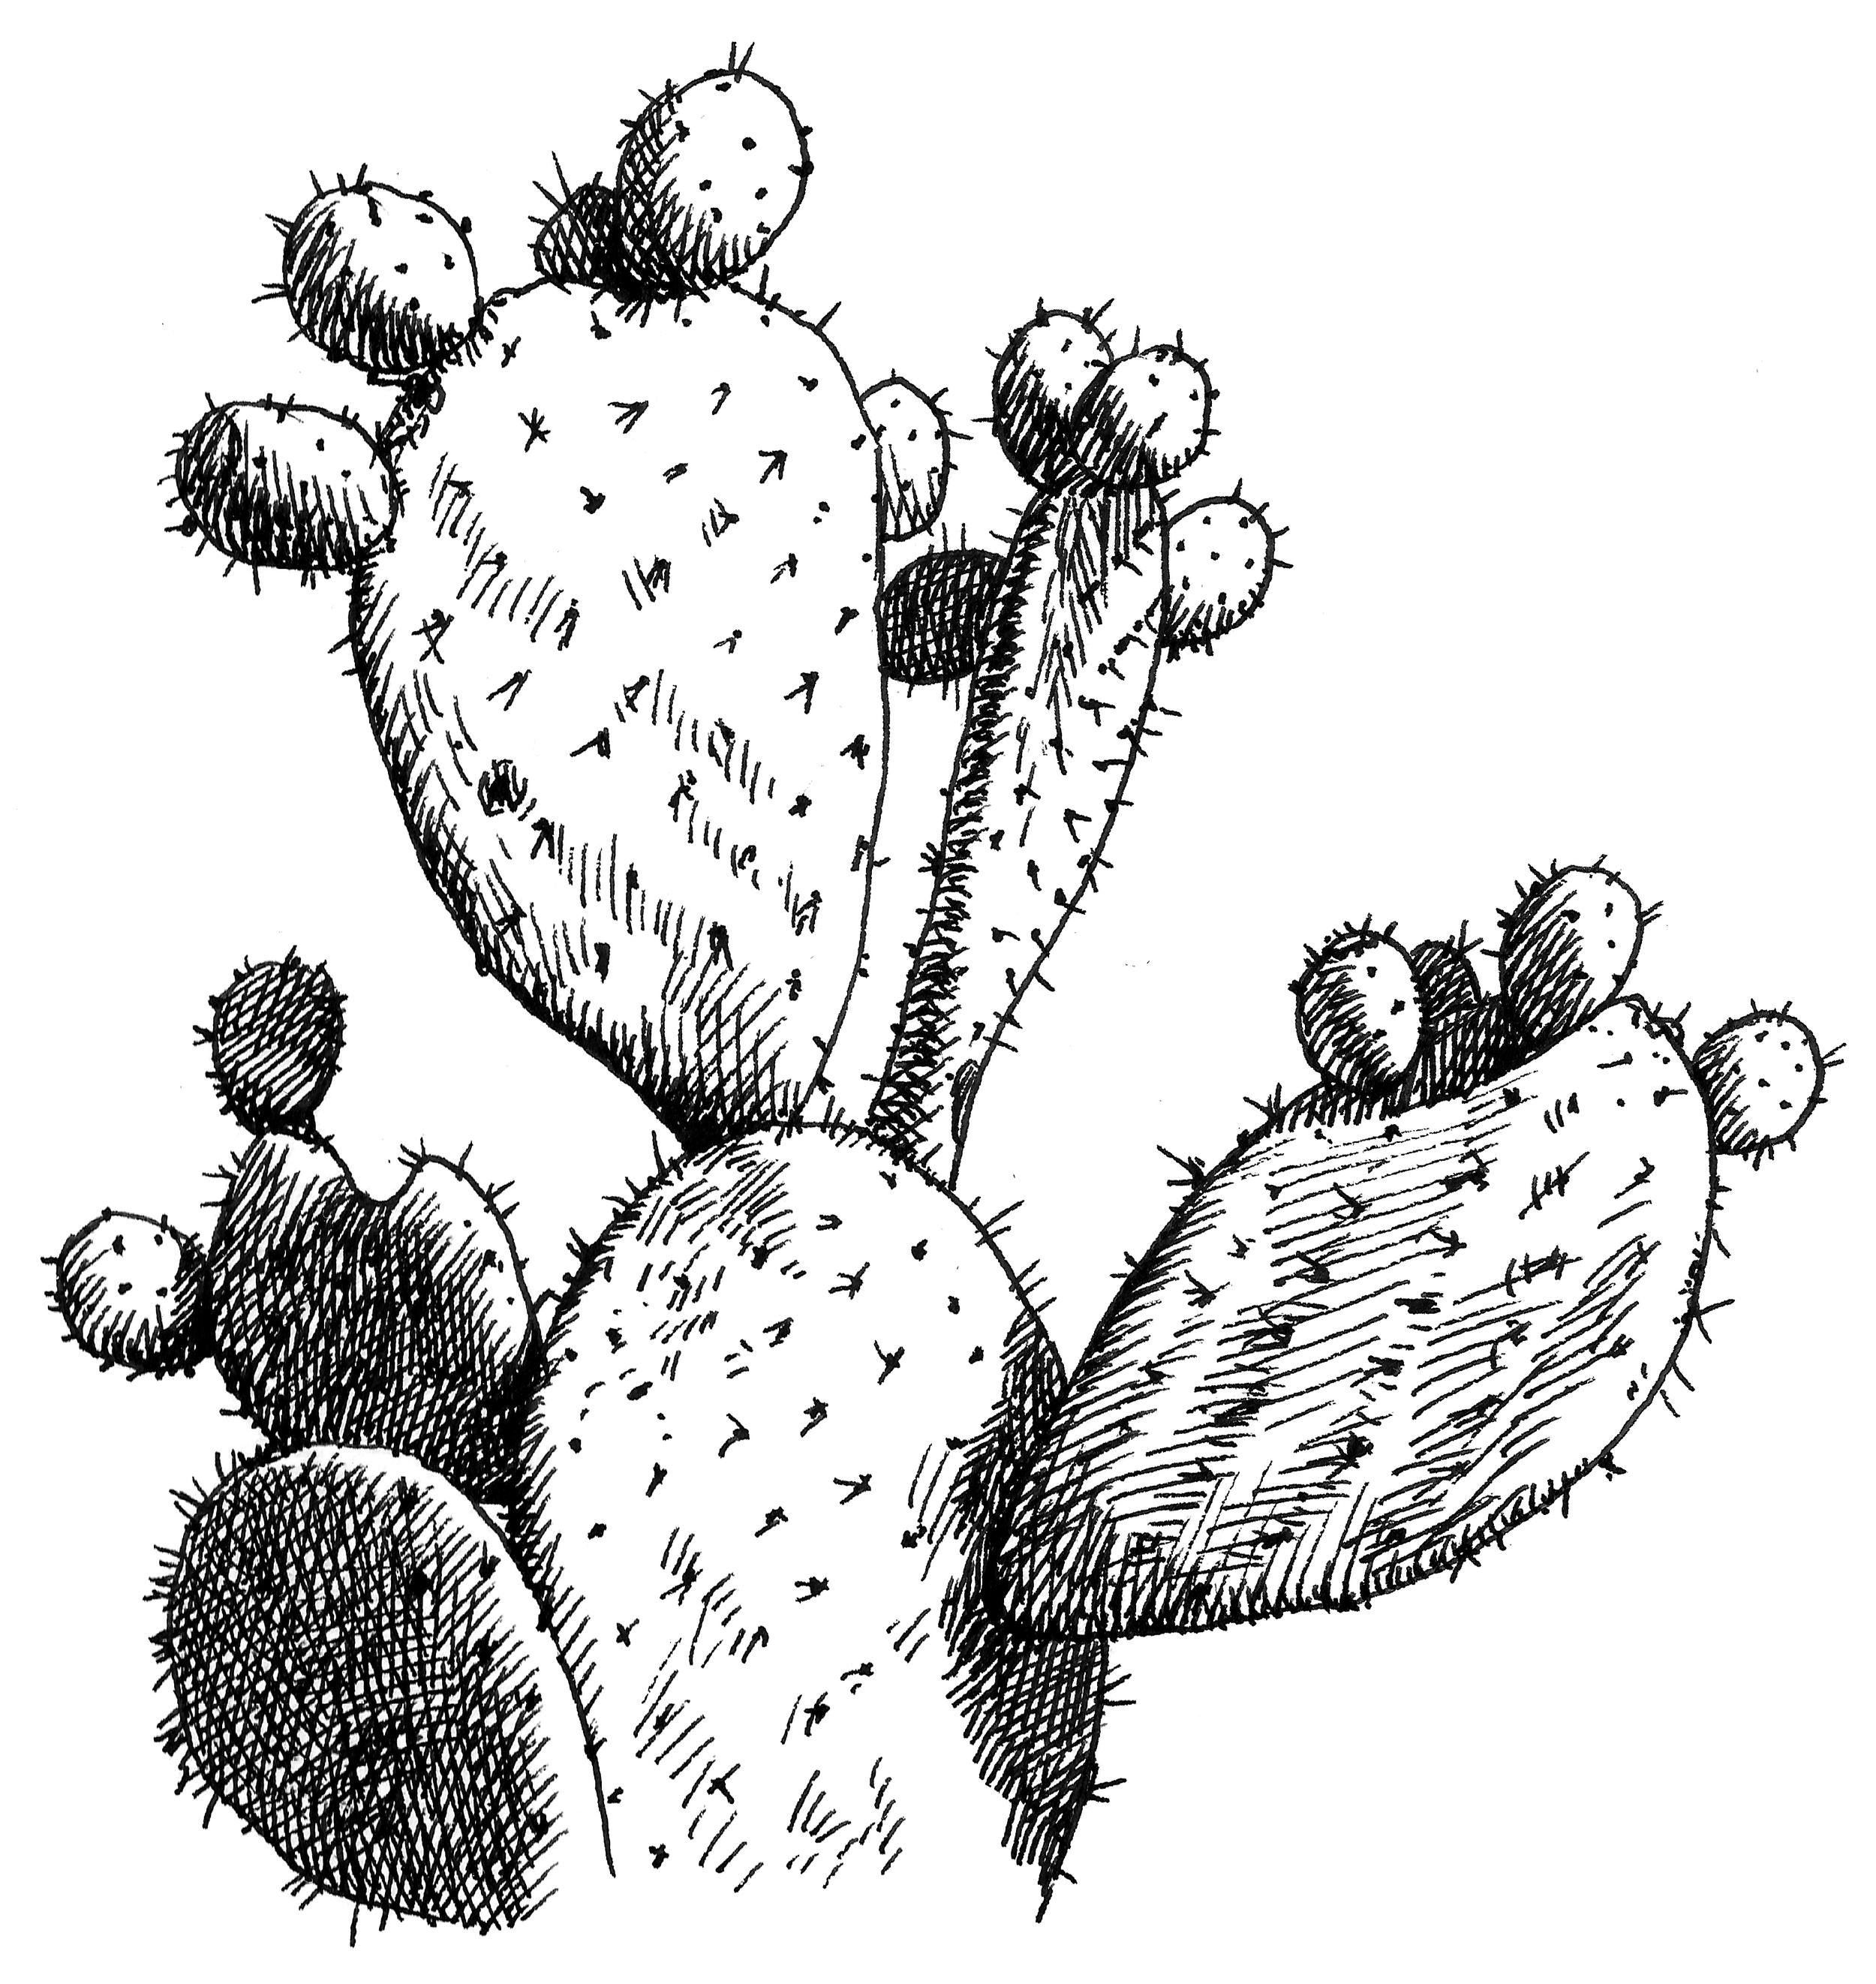 'The Last Cactus'